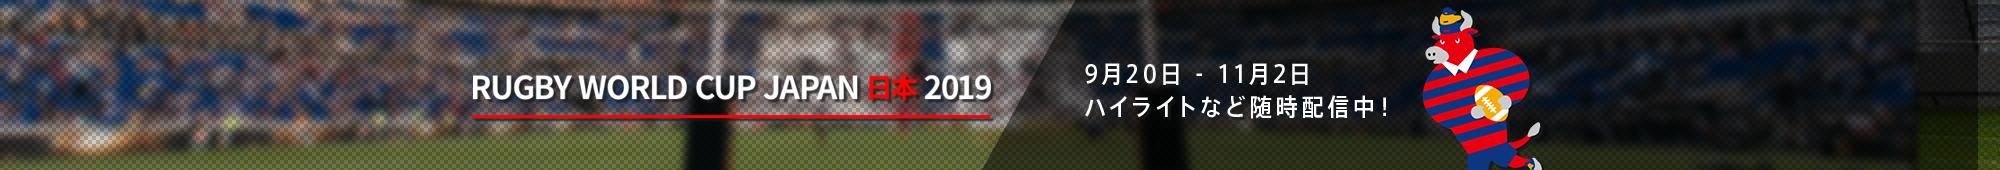 ラグビーワールドカップ2019 ハイライトなど随時配信中